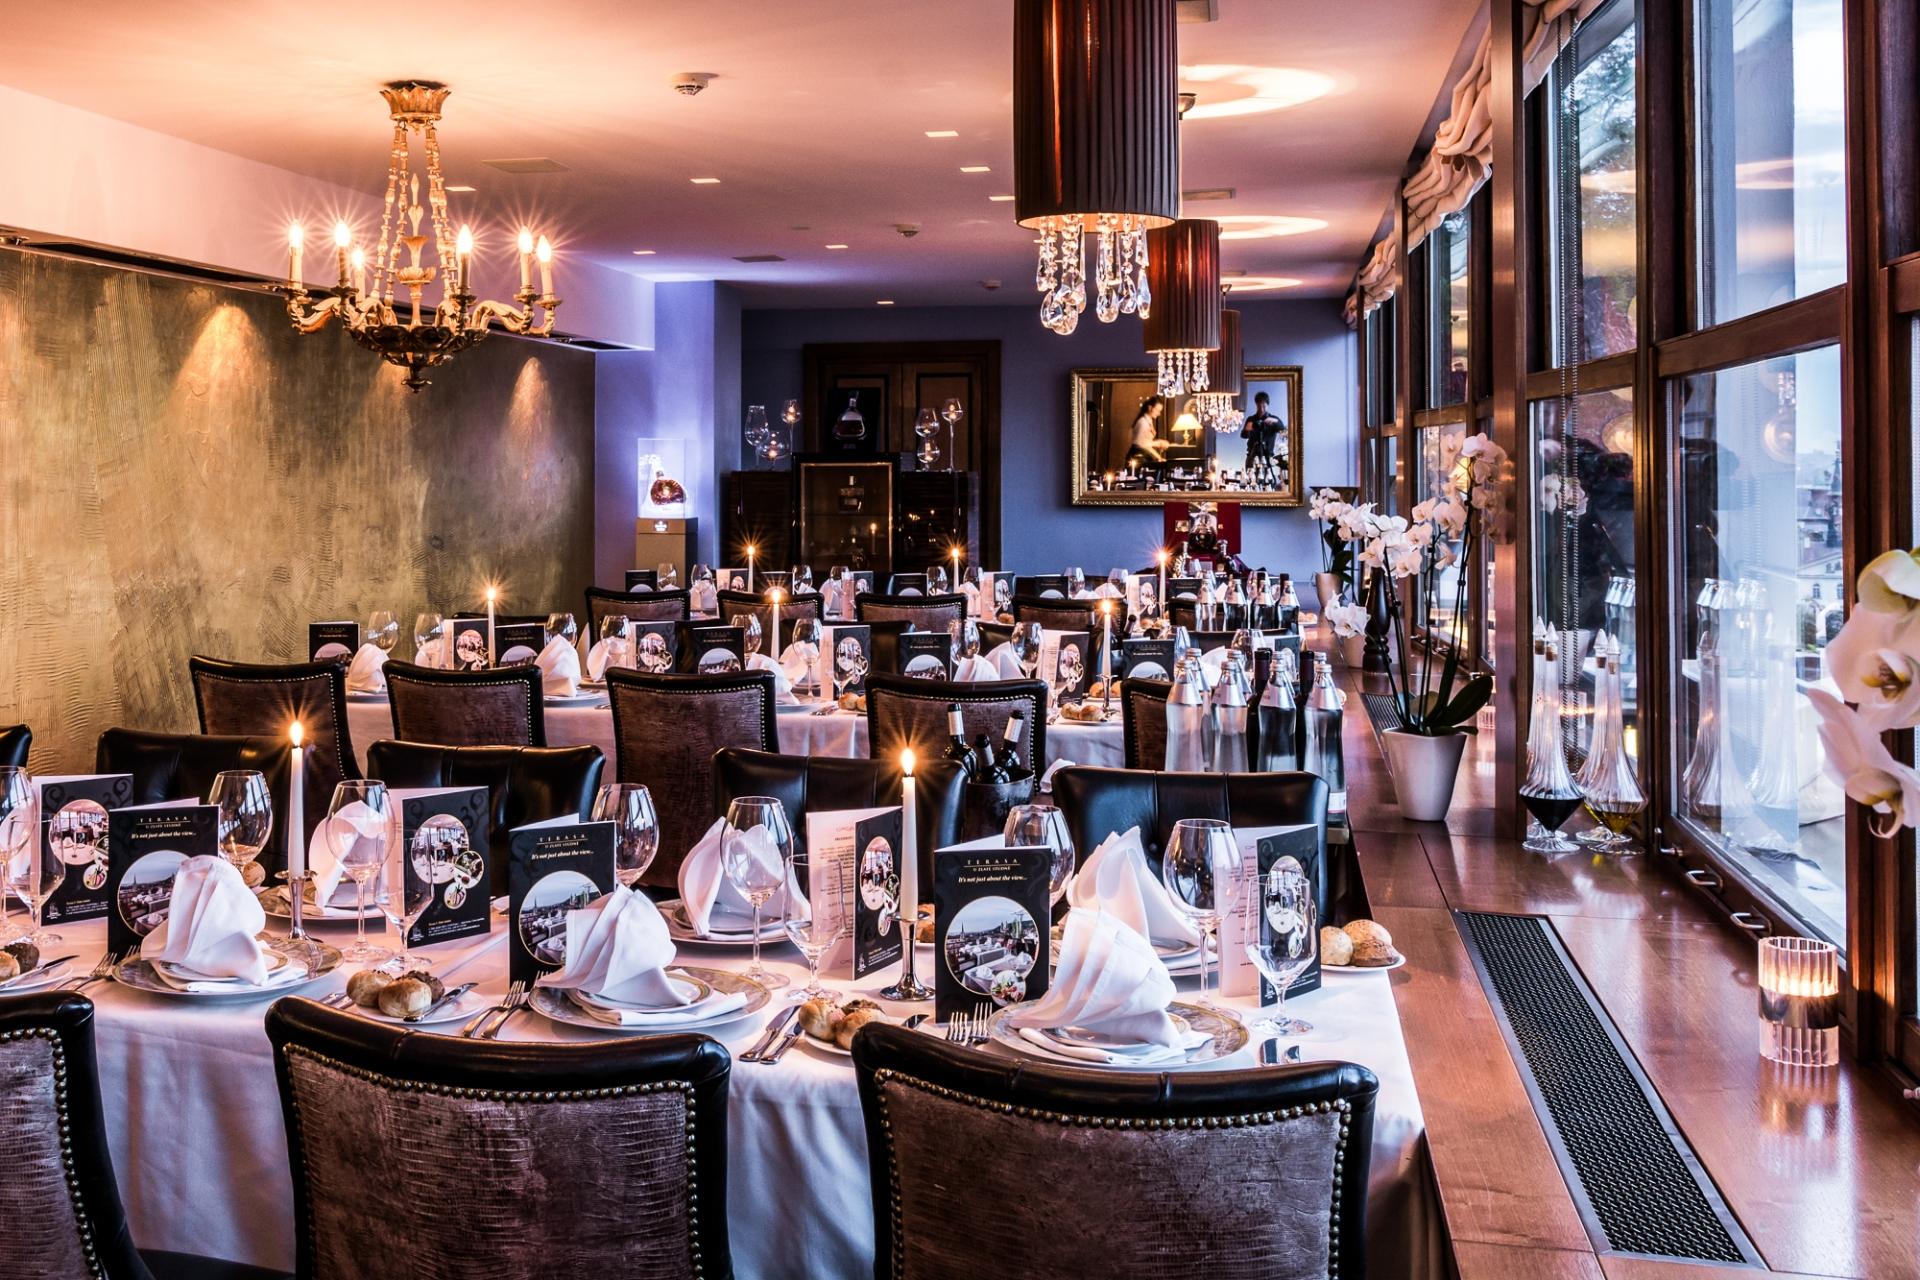 Maurerův výběr Grand Restaurant 2015 zná svého vítěze